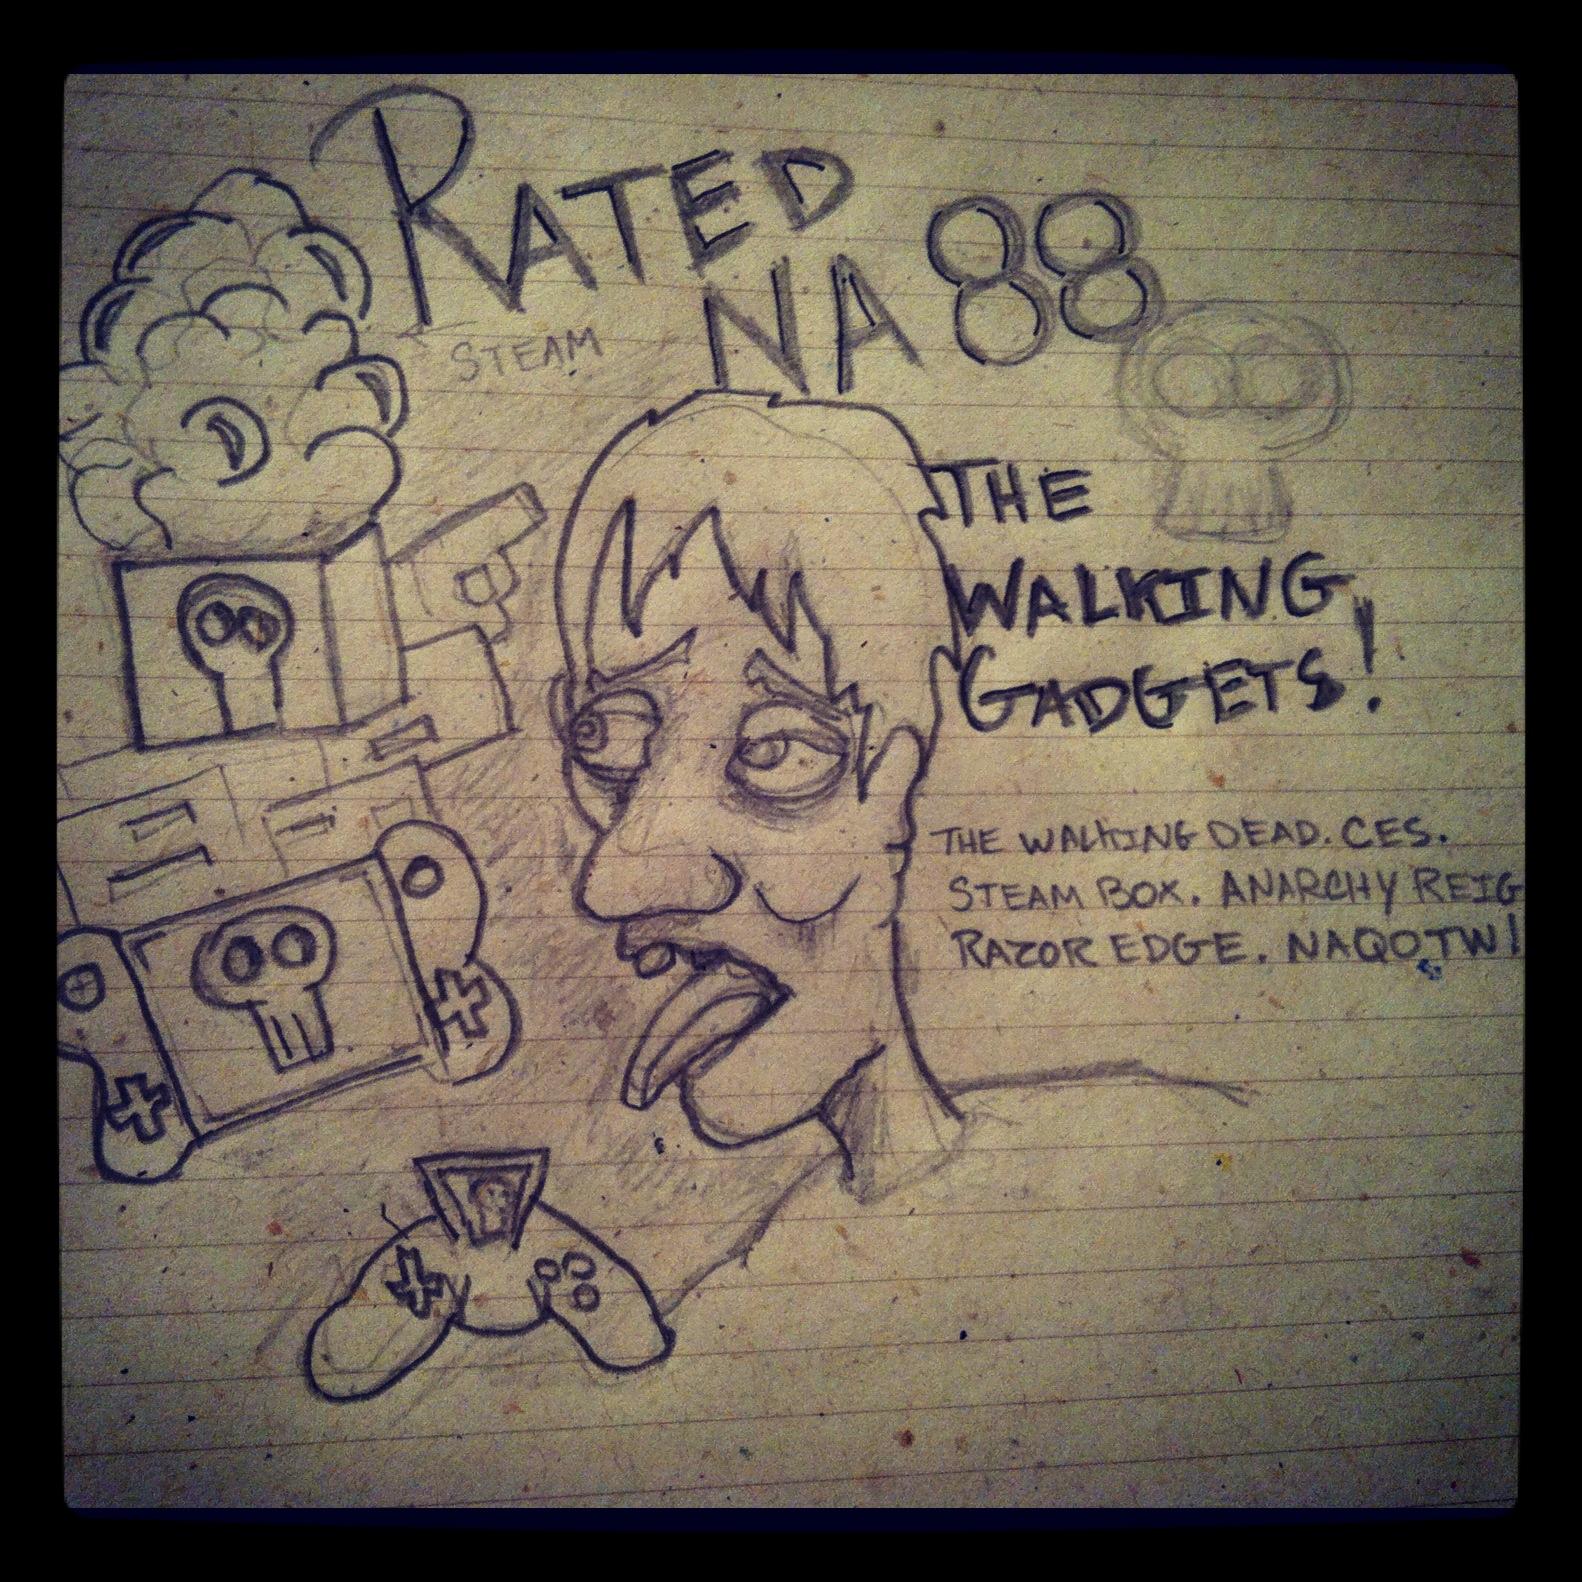 Na88a